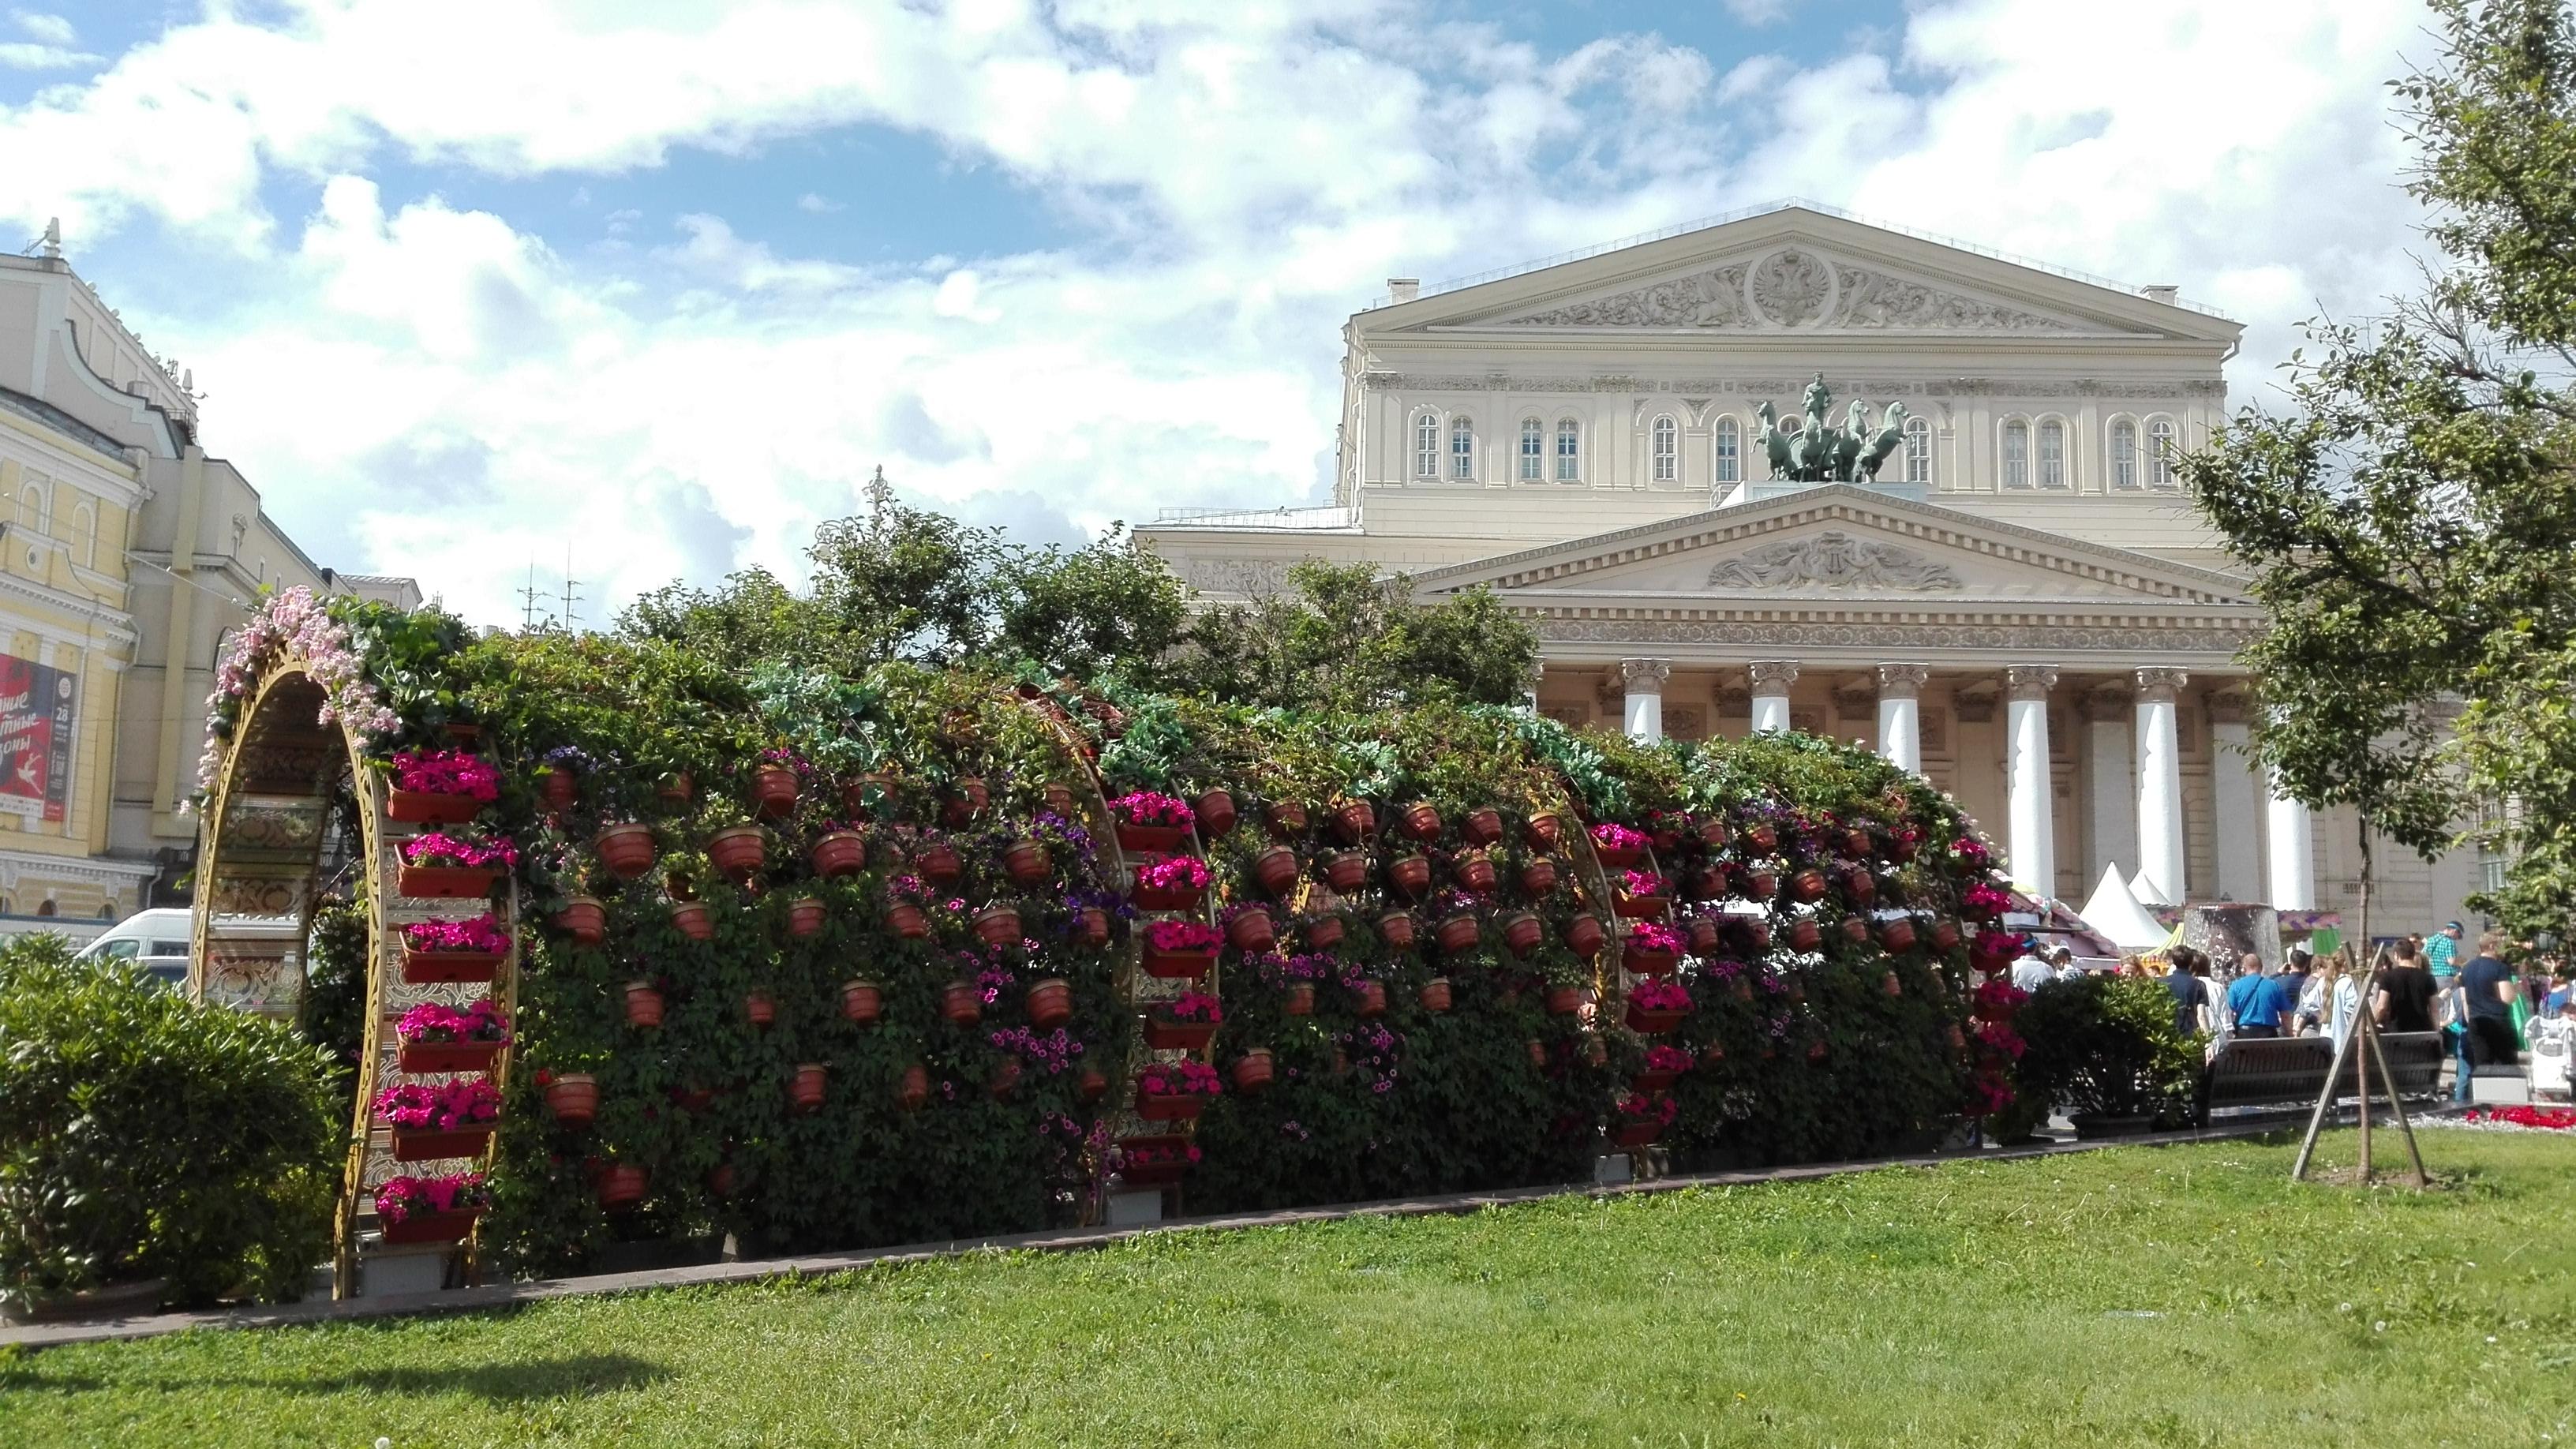 Фестиваль мороженного и фестиваль цветов в Москве летом 2016 года